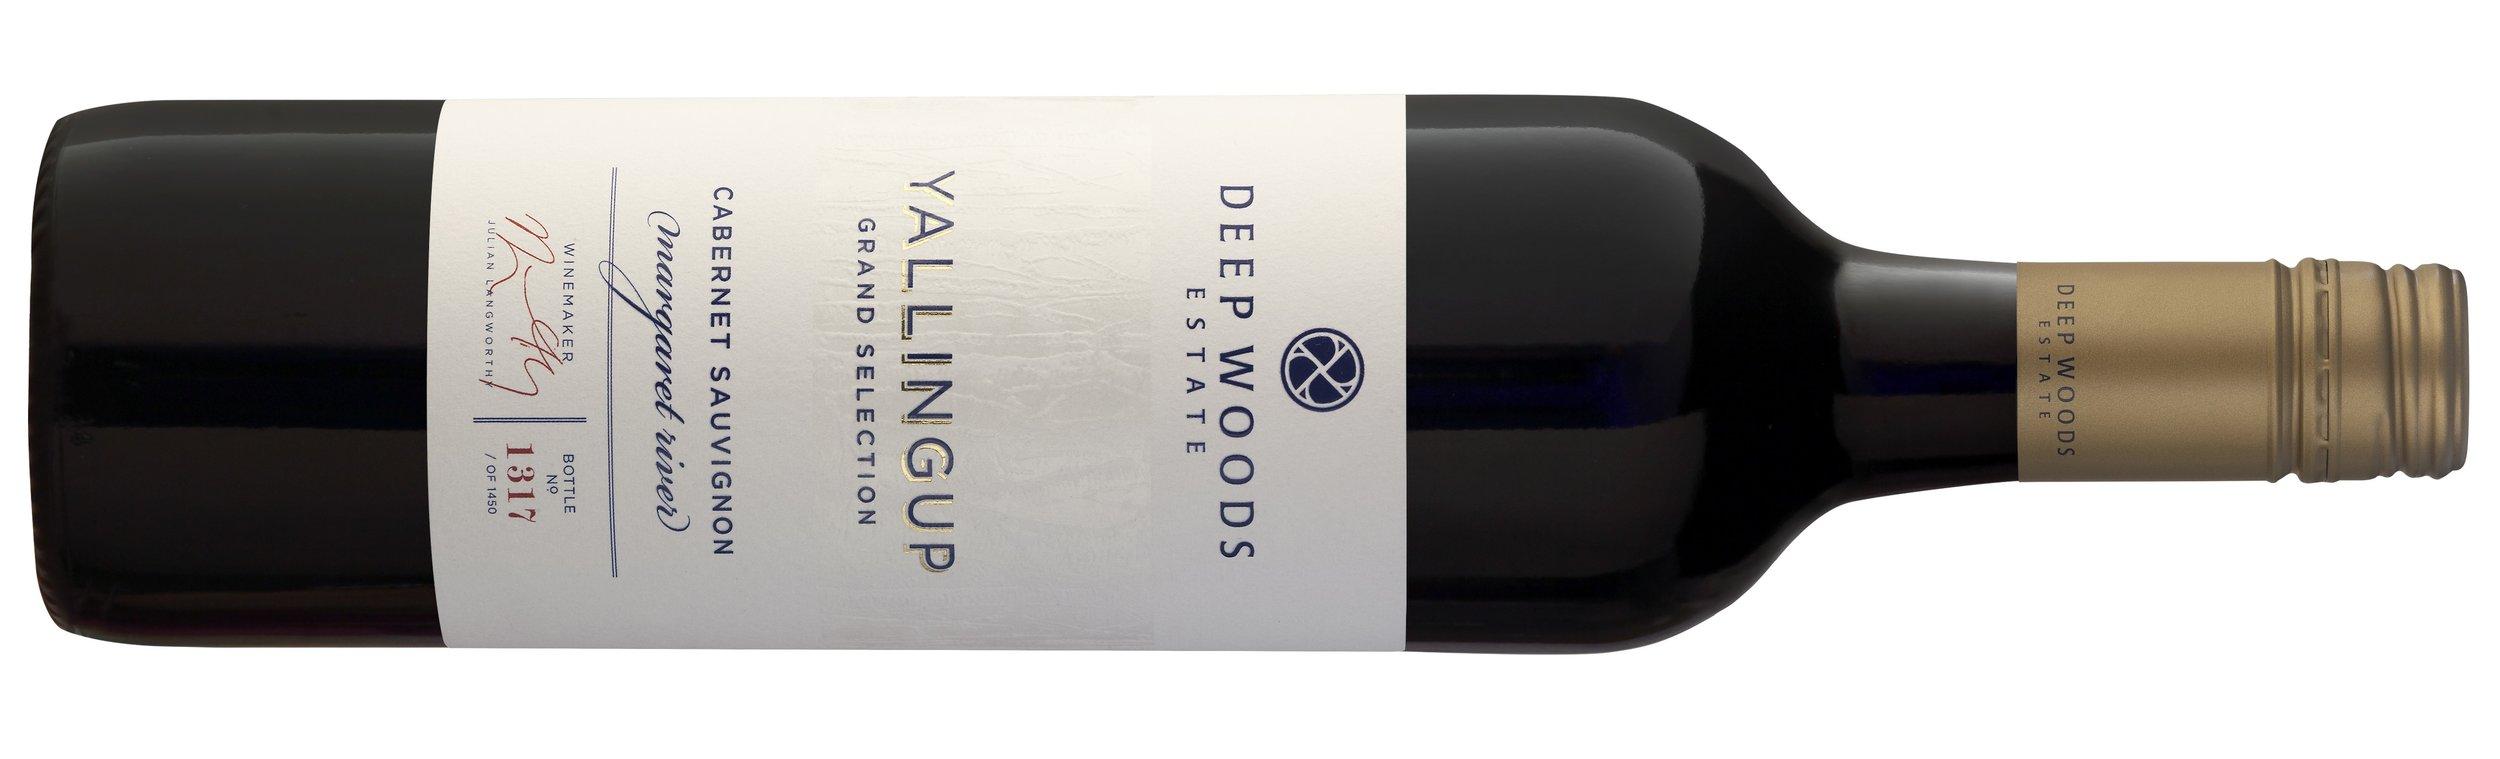 2014 Deep Woods Estate Grand Selection Yallingup Cabernet Sauvignon, 98 points